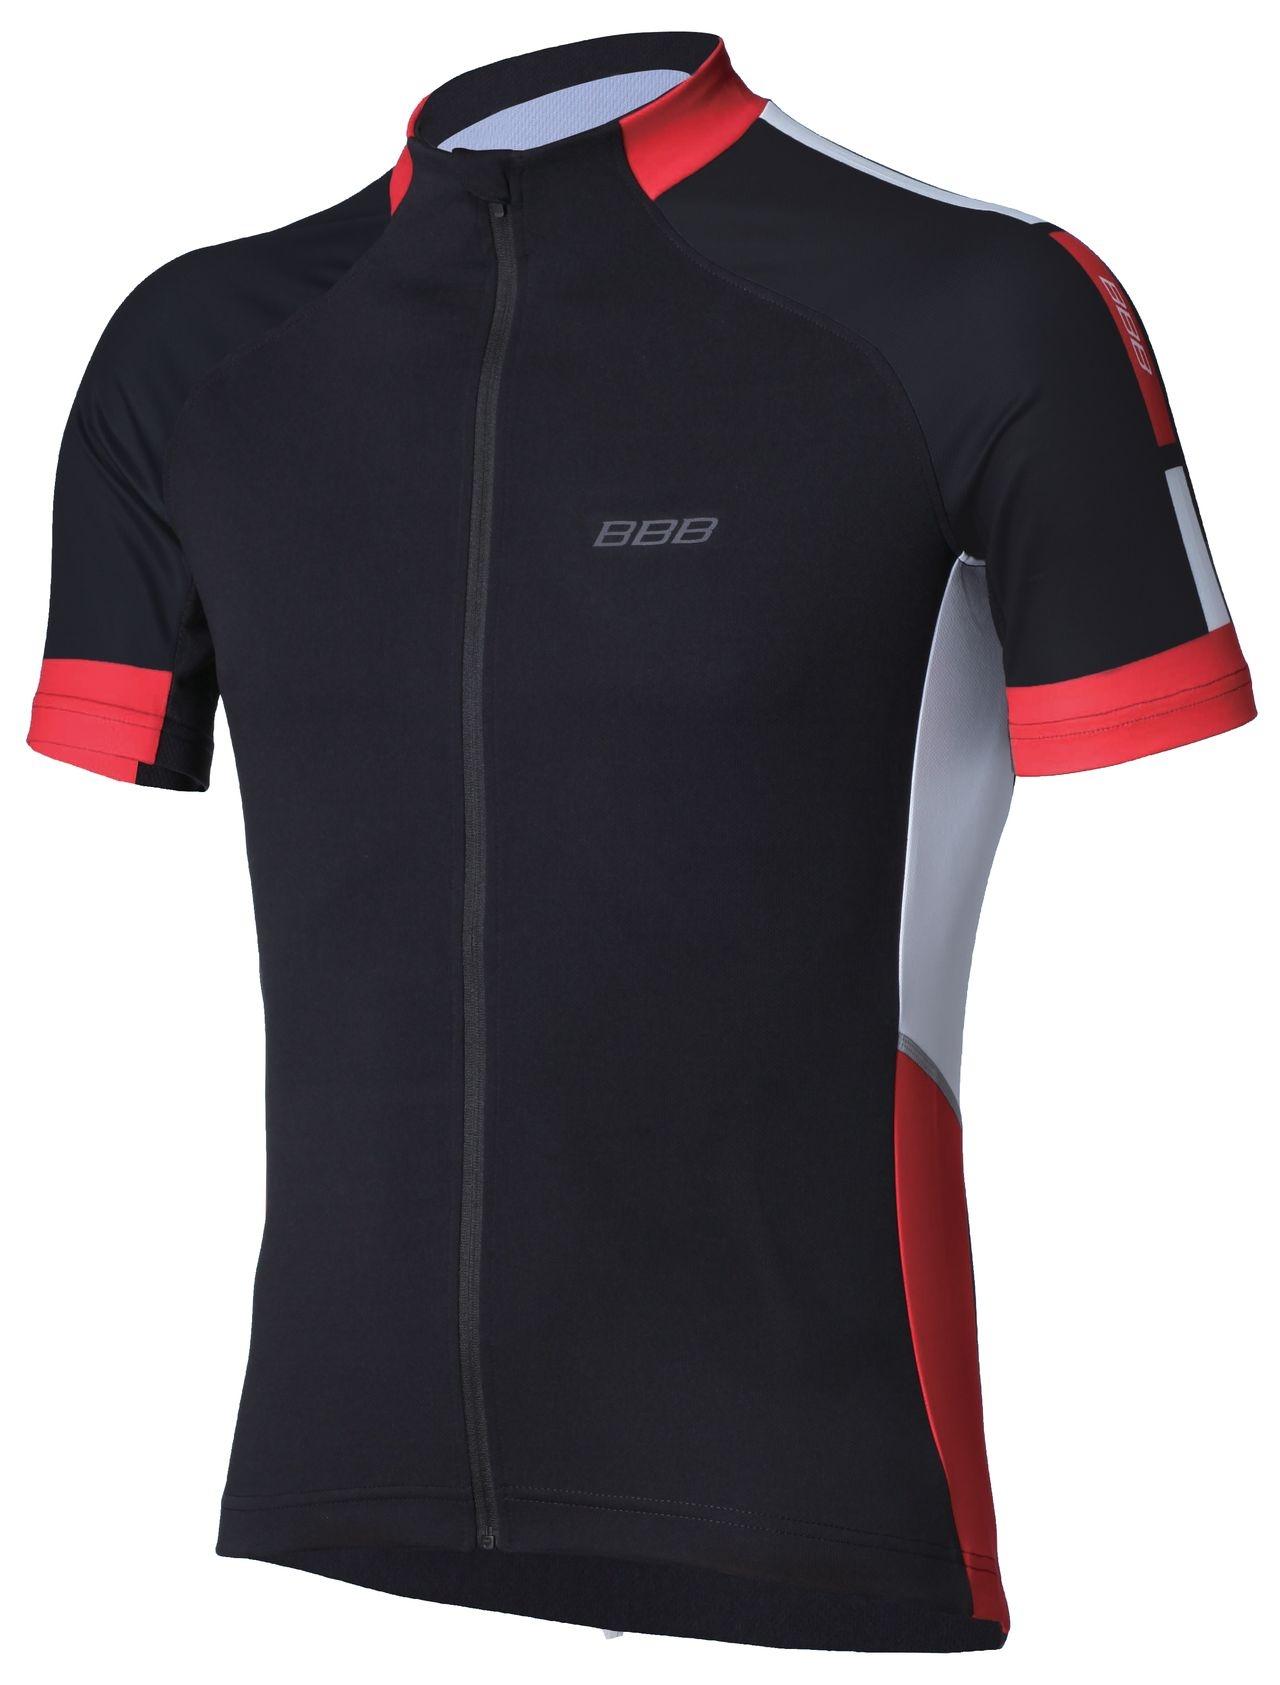 Maillot été BBB jersey ComfortFit (noir/rouge) - BBW-234 - L